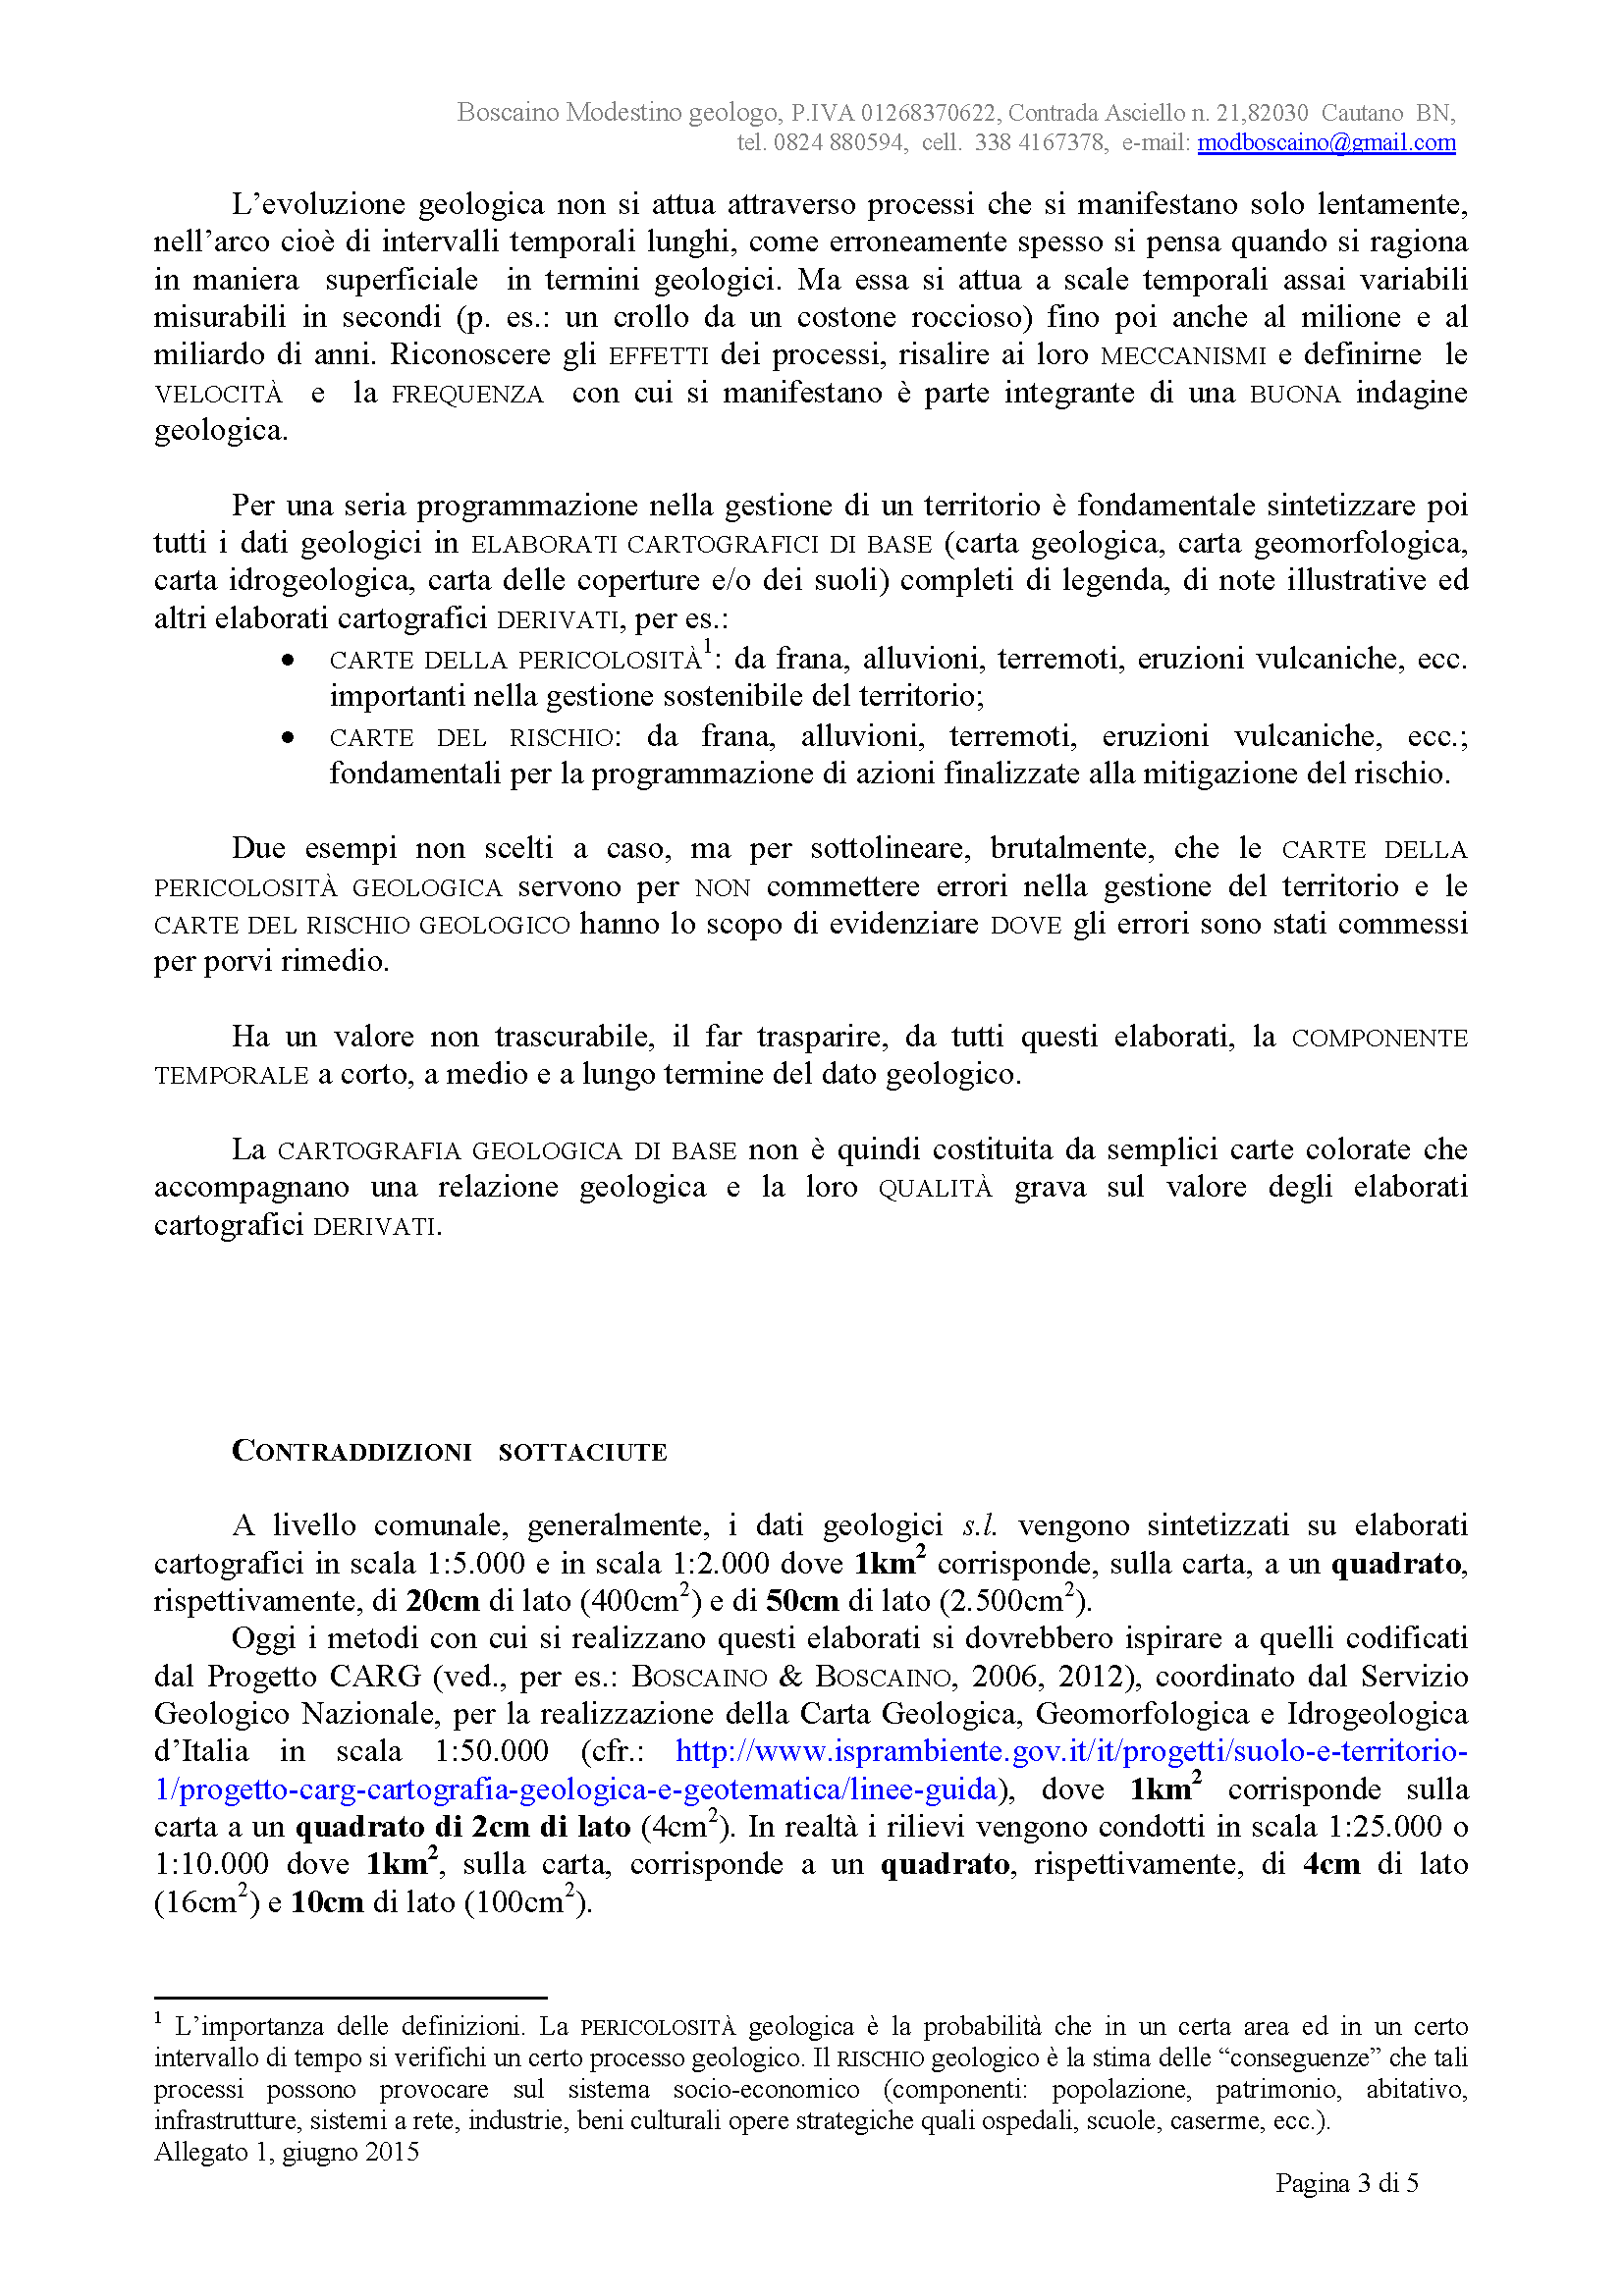 Allegato-2-Appello-ANL-2015_Pagina_6